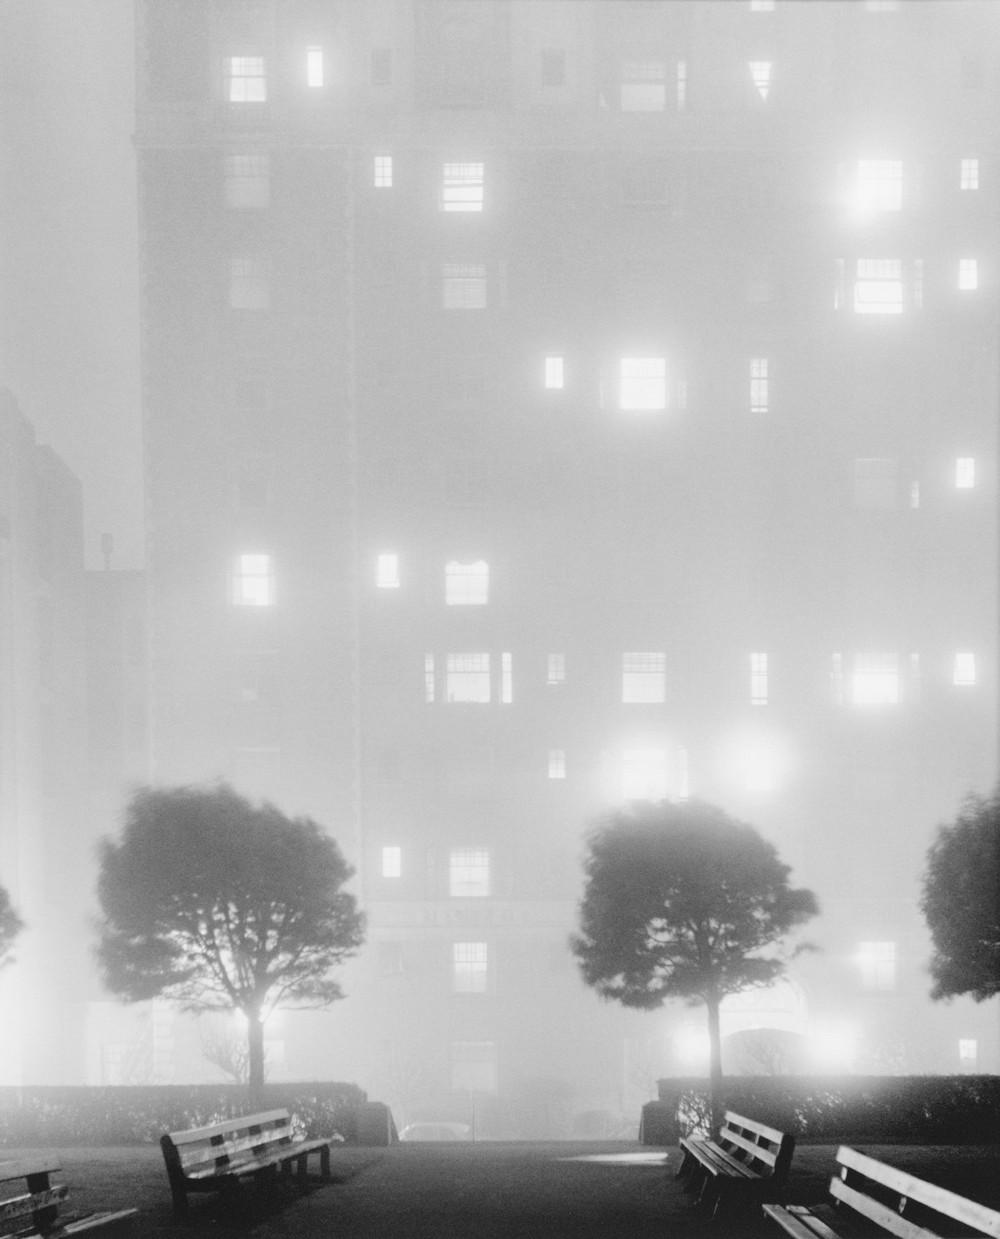 San-Frantsisko-ulichnye-fotografii-1940-50-godov-Freda-Liona 2